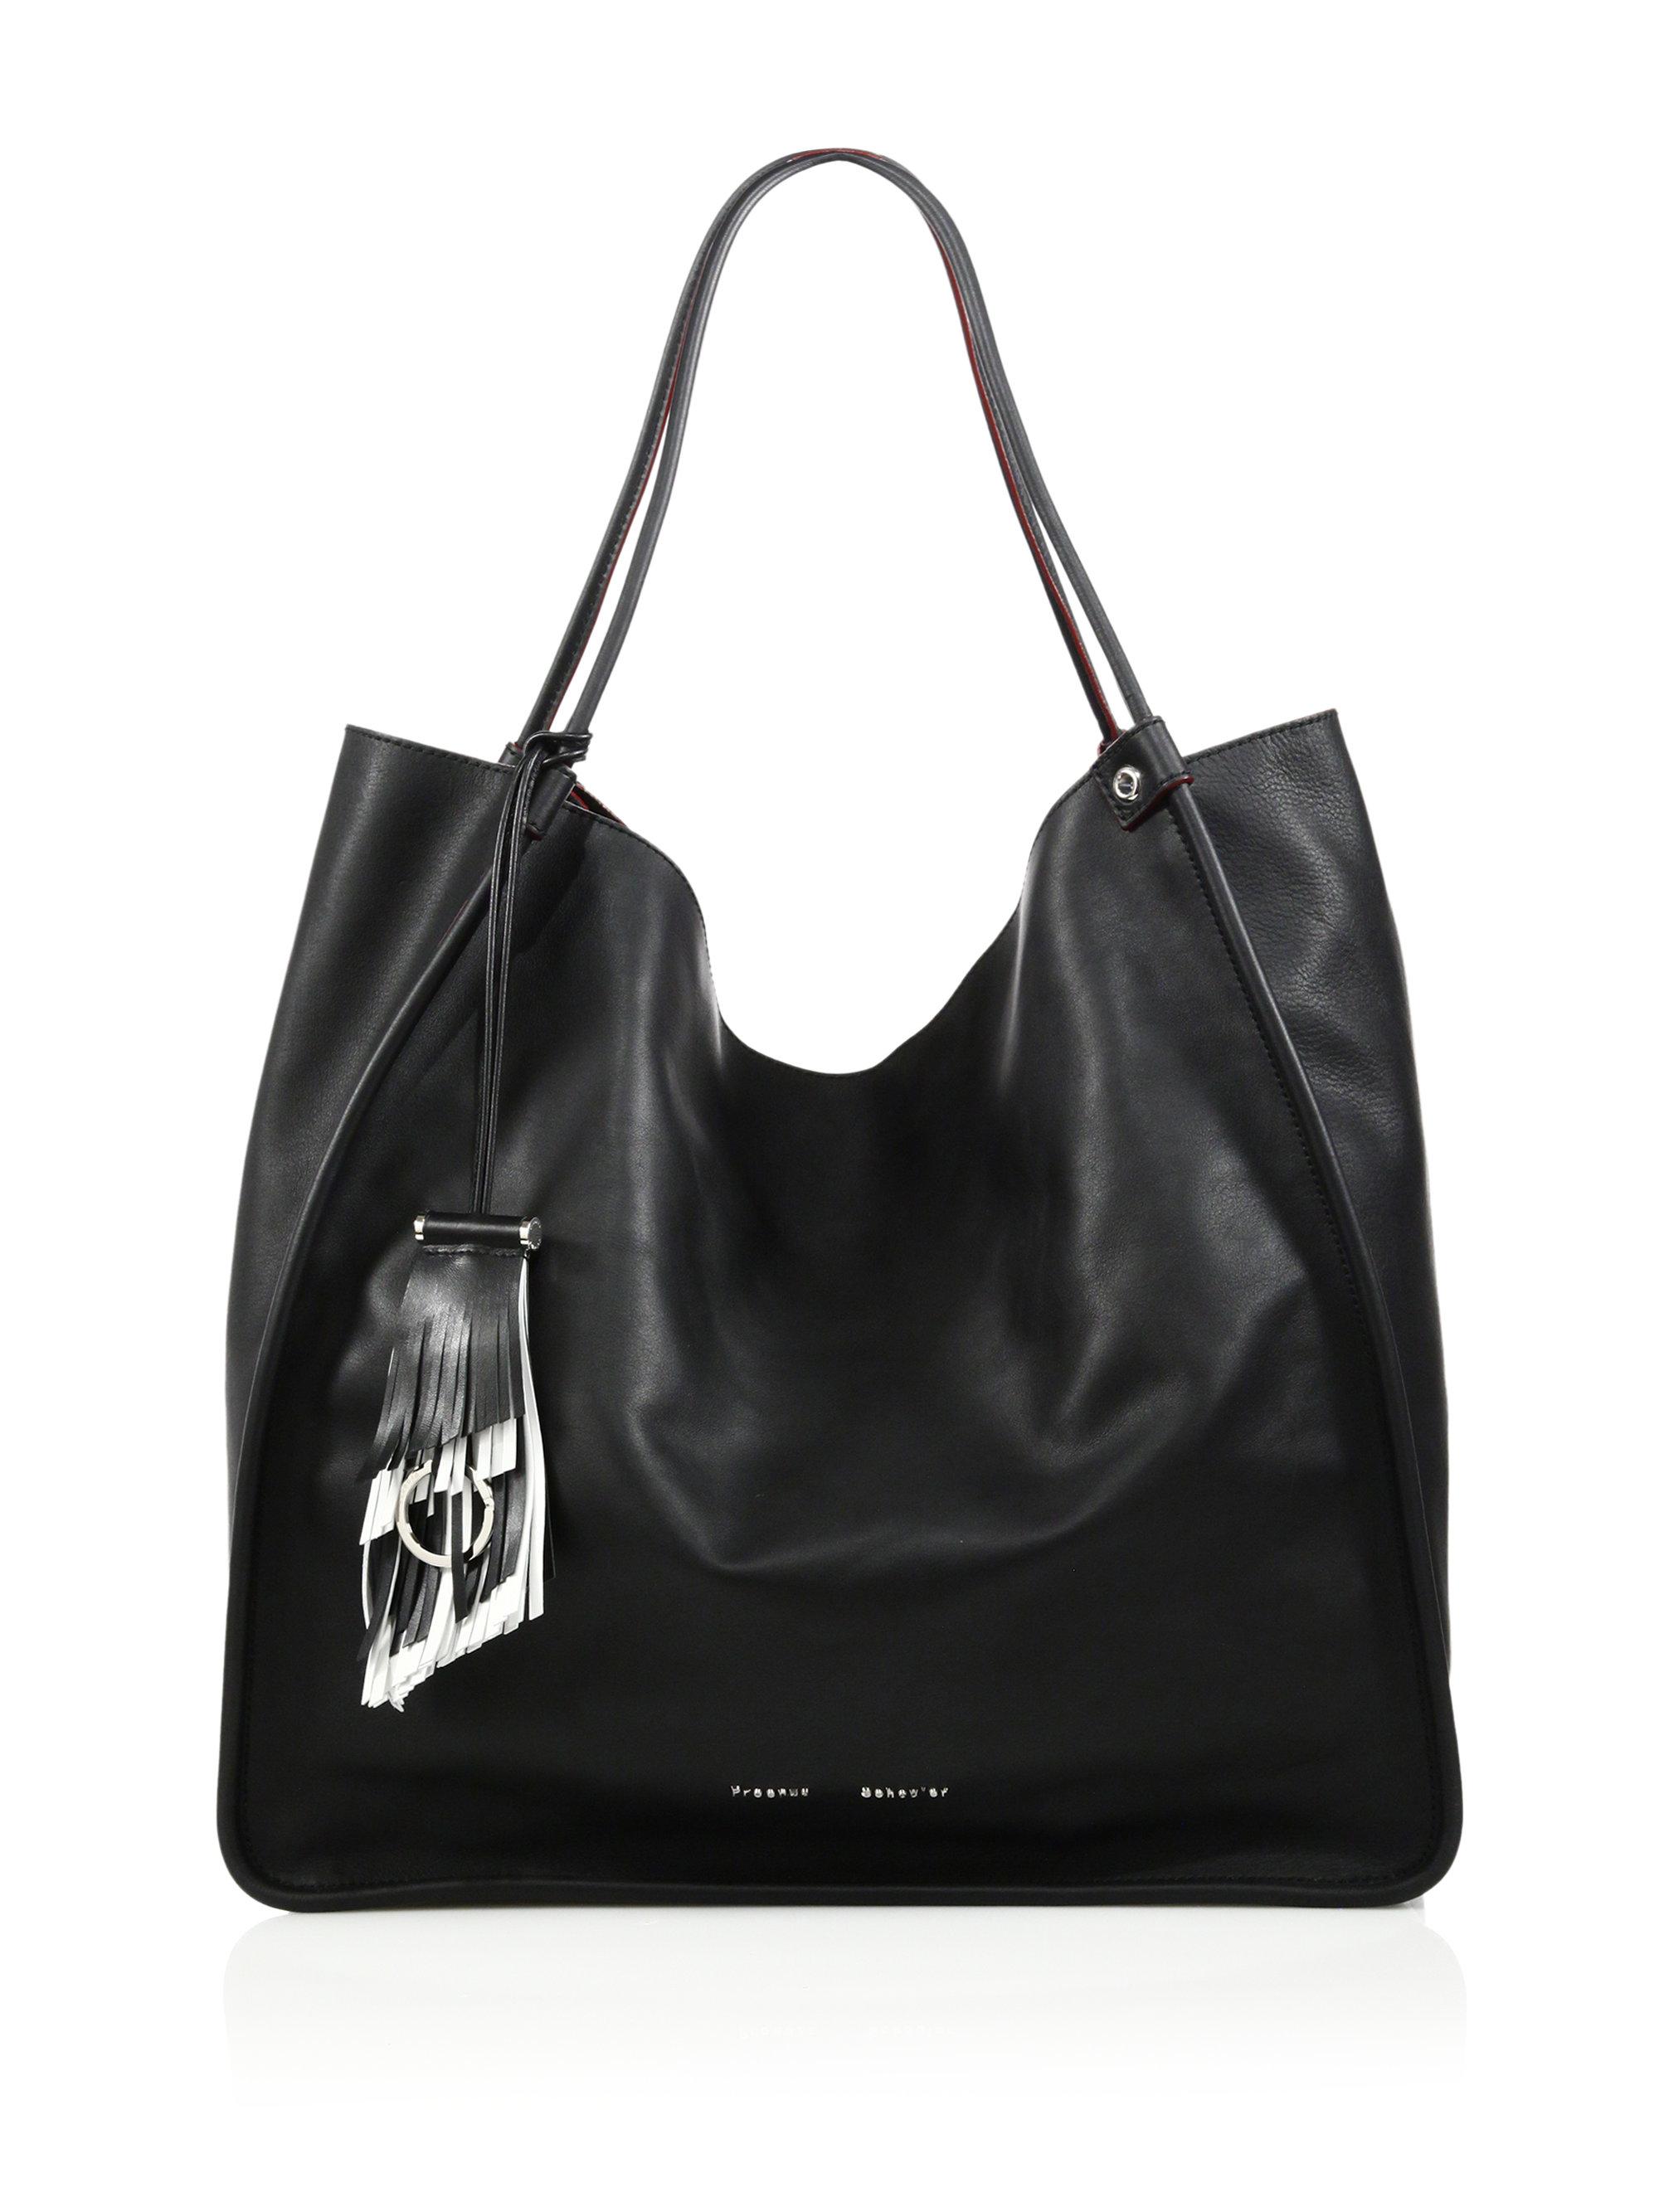 f4cdd461a445 Lyst - Proenza Schouler Large Soft Calf Leather Tote in Black